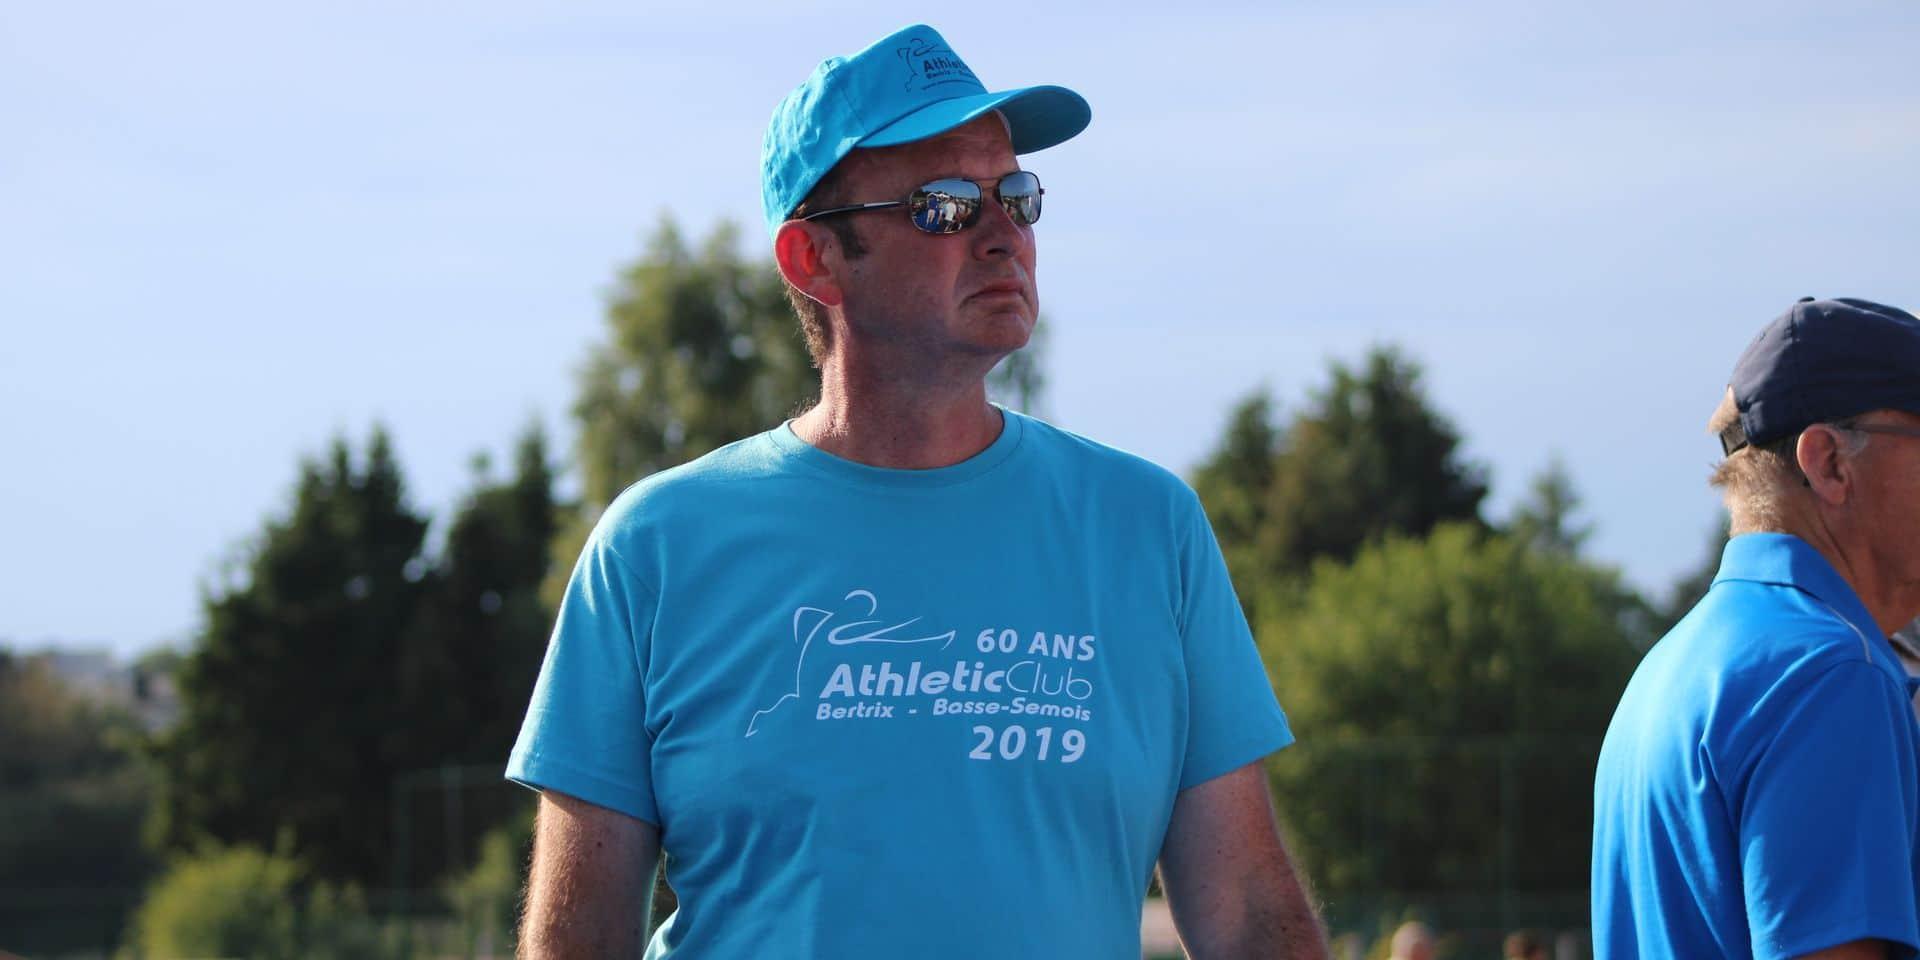 """Christophe Bodart est devenu administrateur de la Ligue Belge francophone d'Athlétisme: """"Le CA de la LBFA, une suite logique"""""""